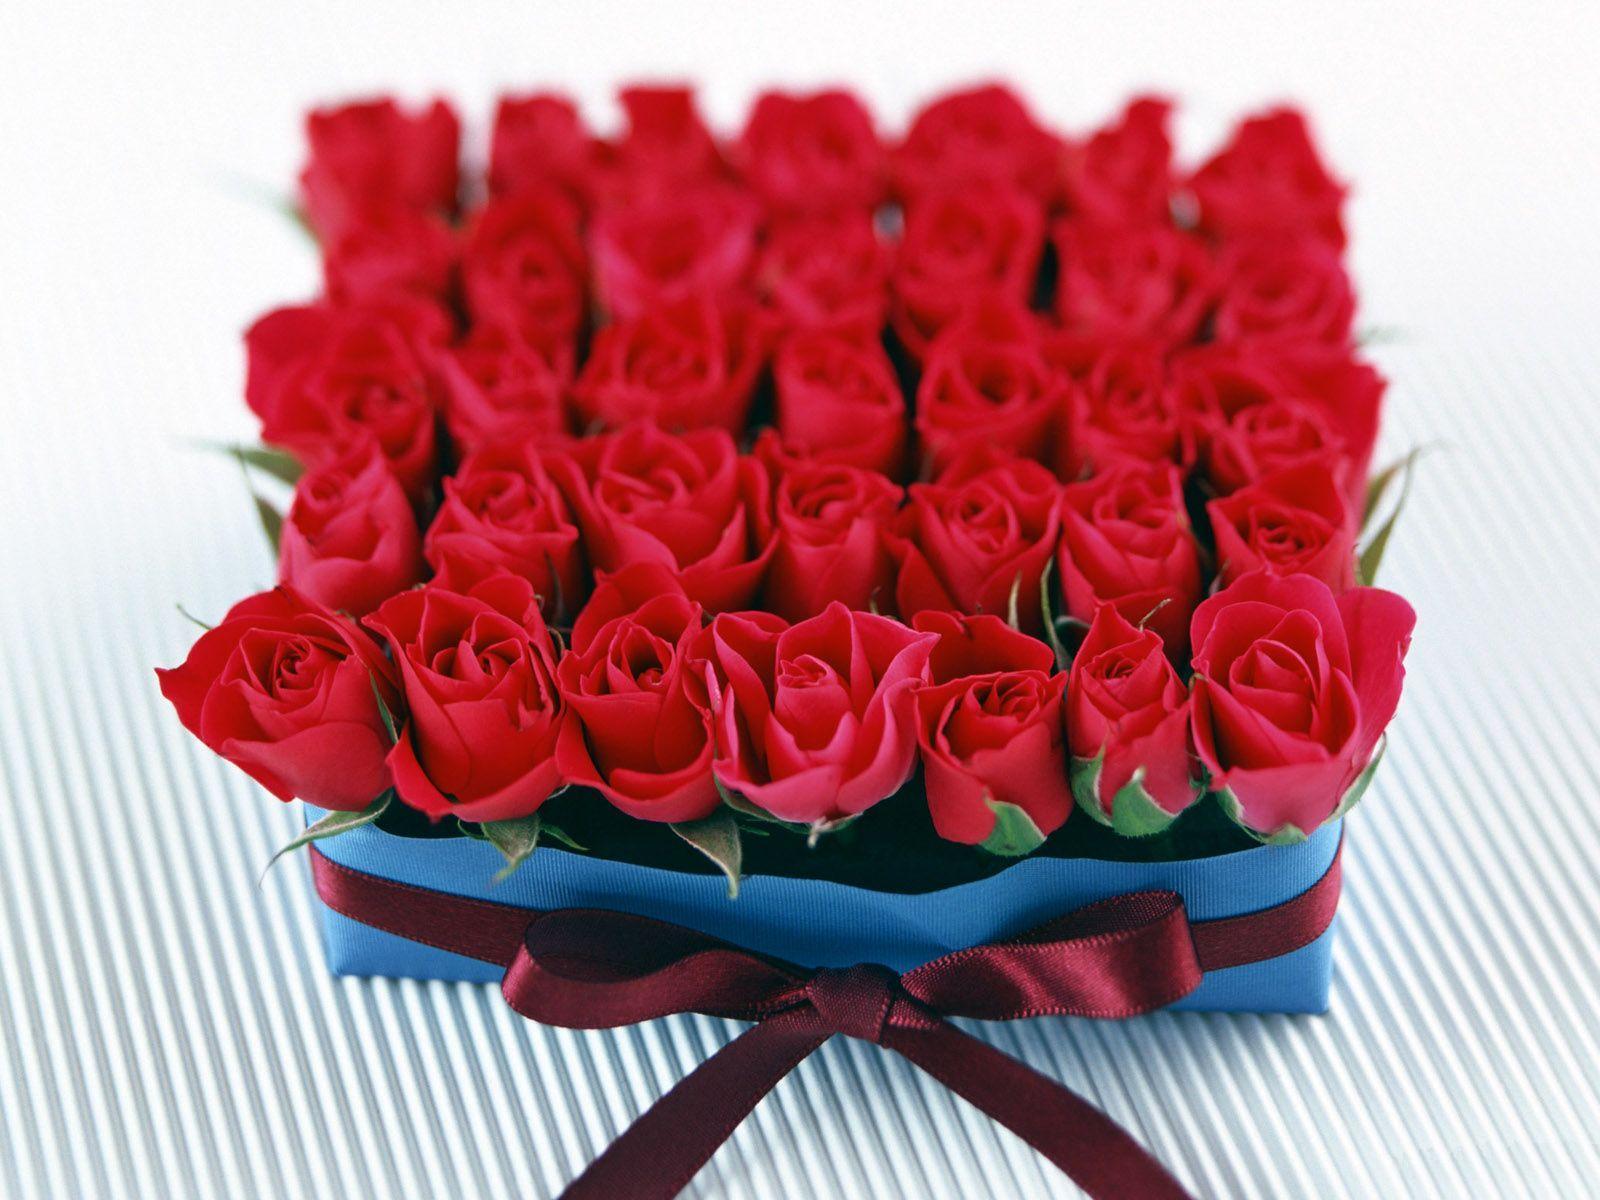 Çiçek tanzimleri-3